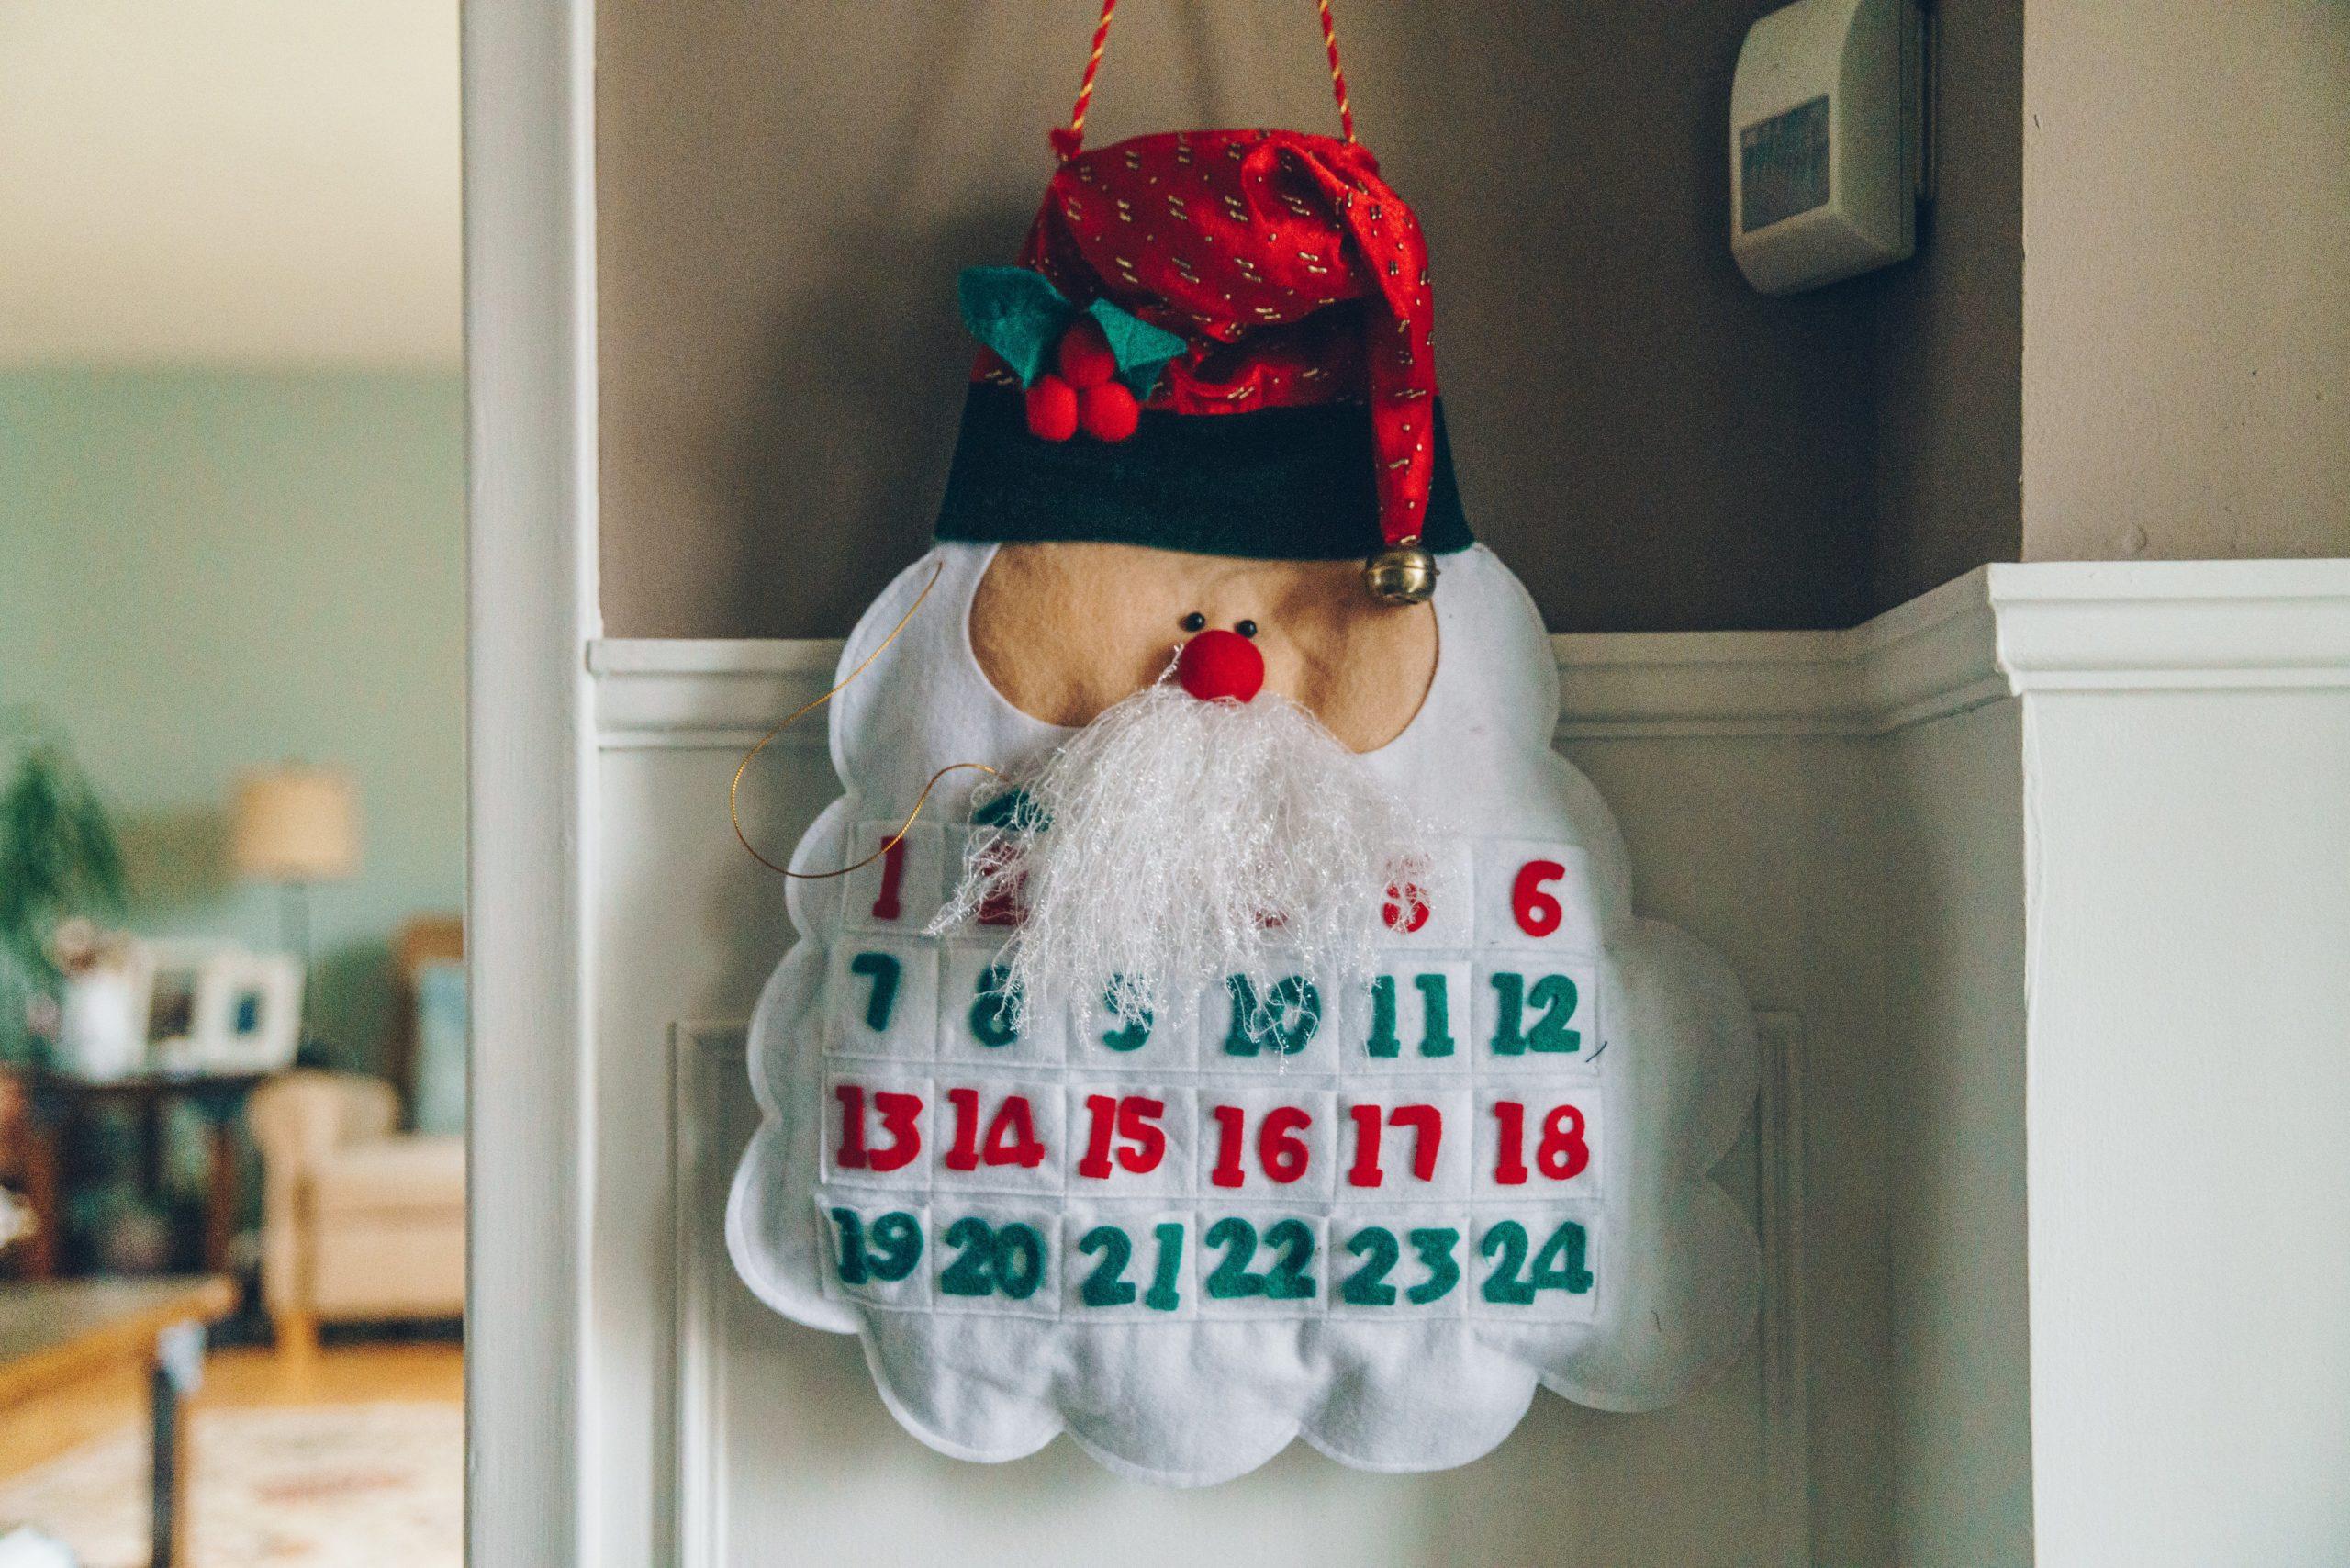 Image for Ce que tu préfères pendant la période de Noël